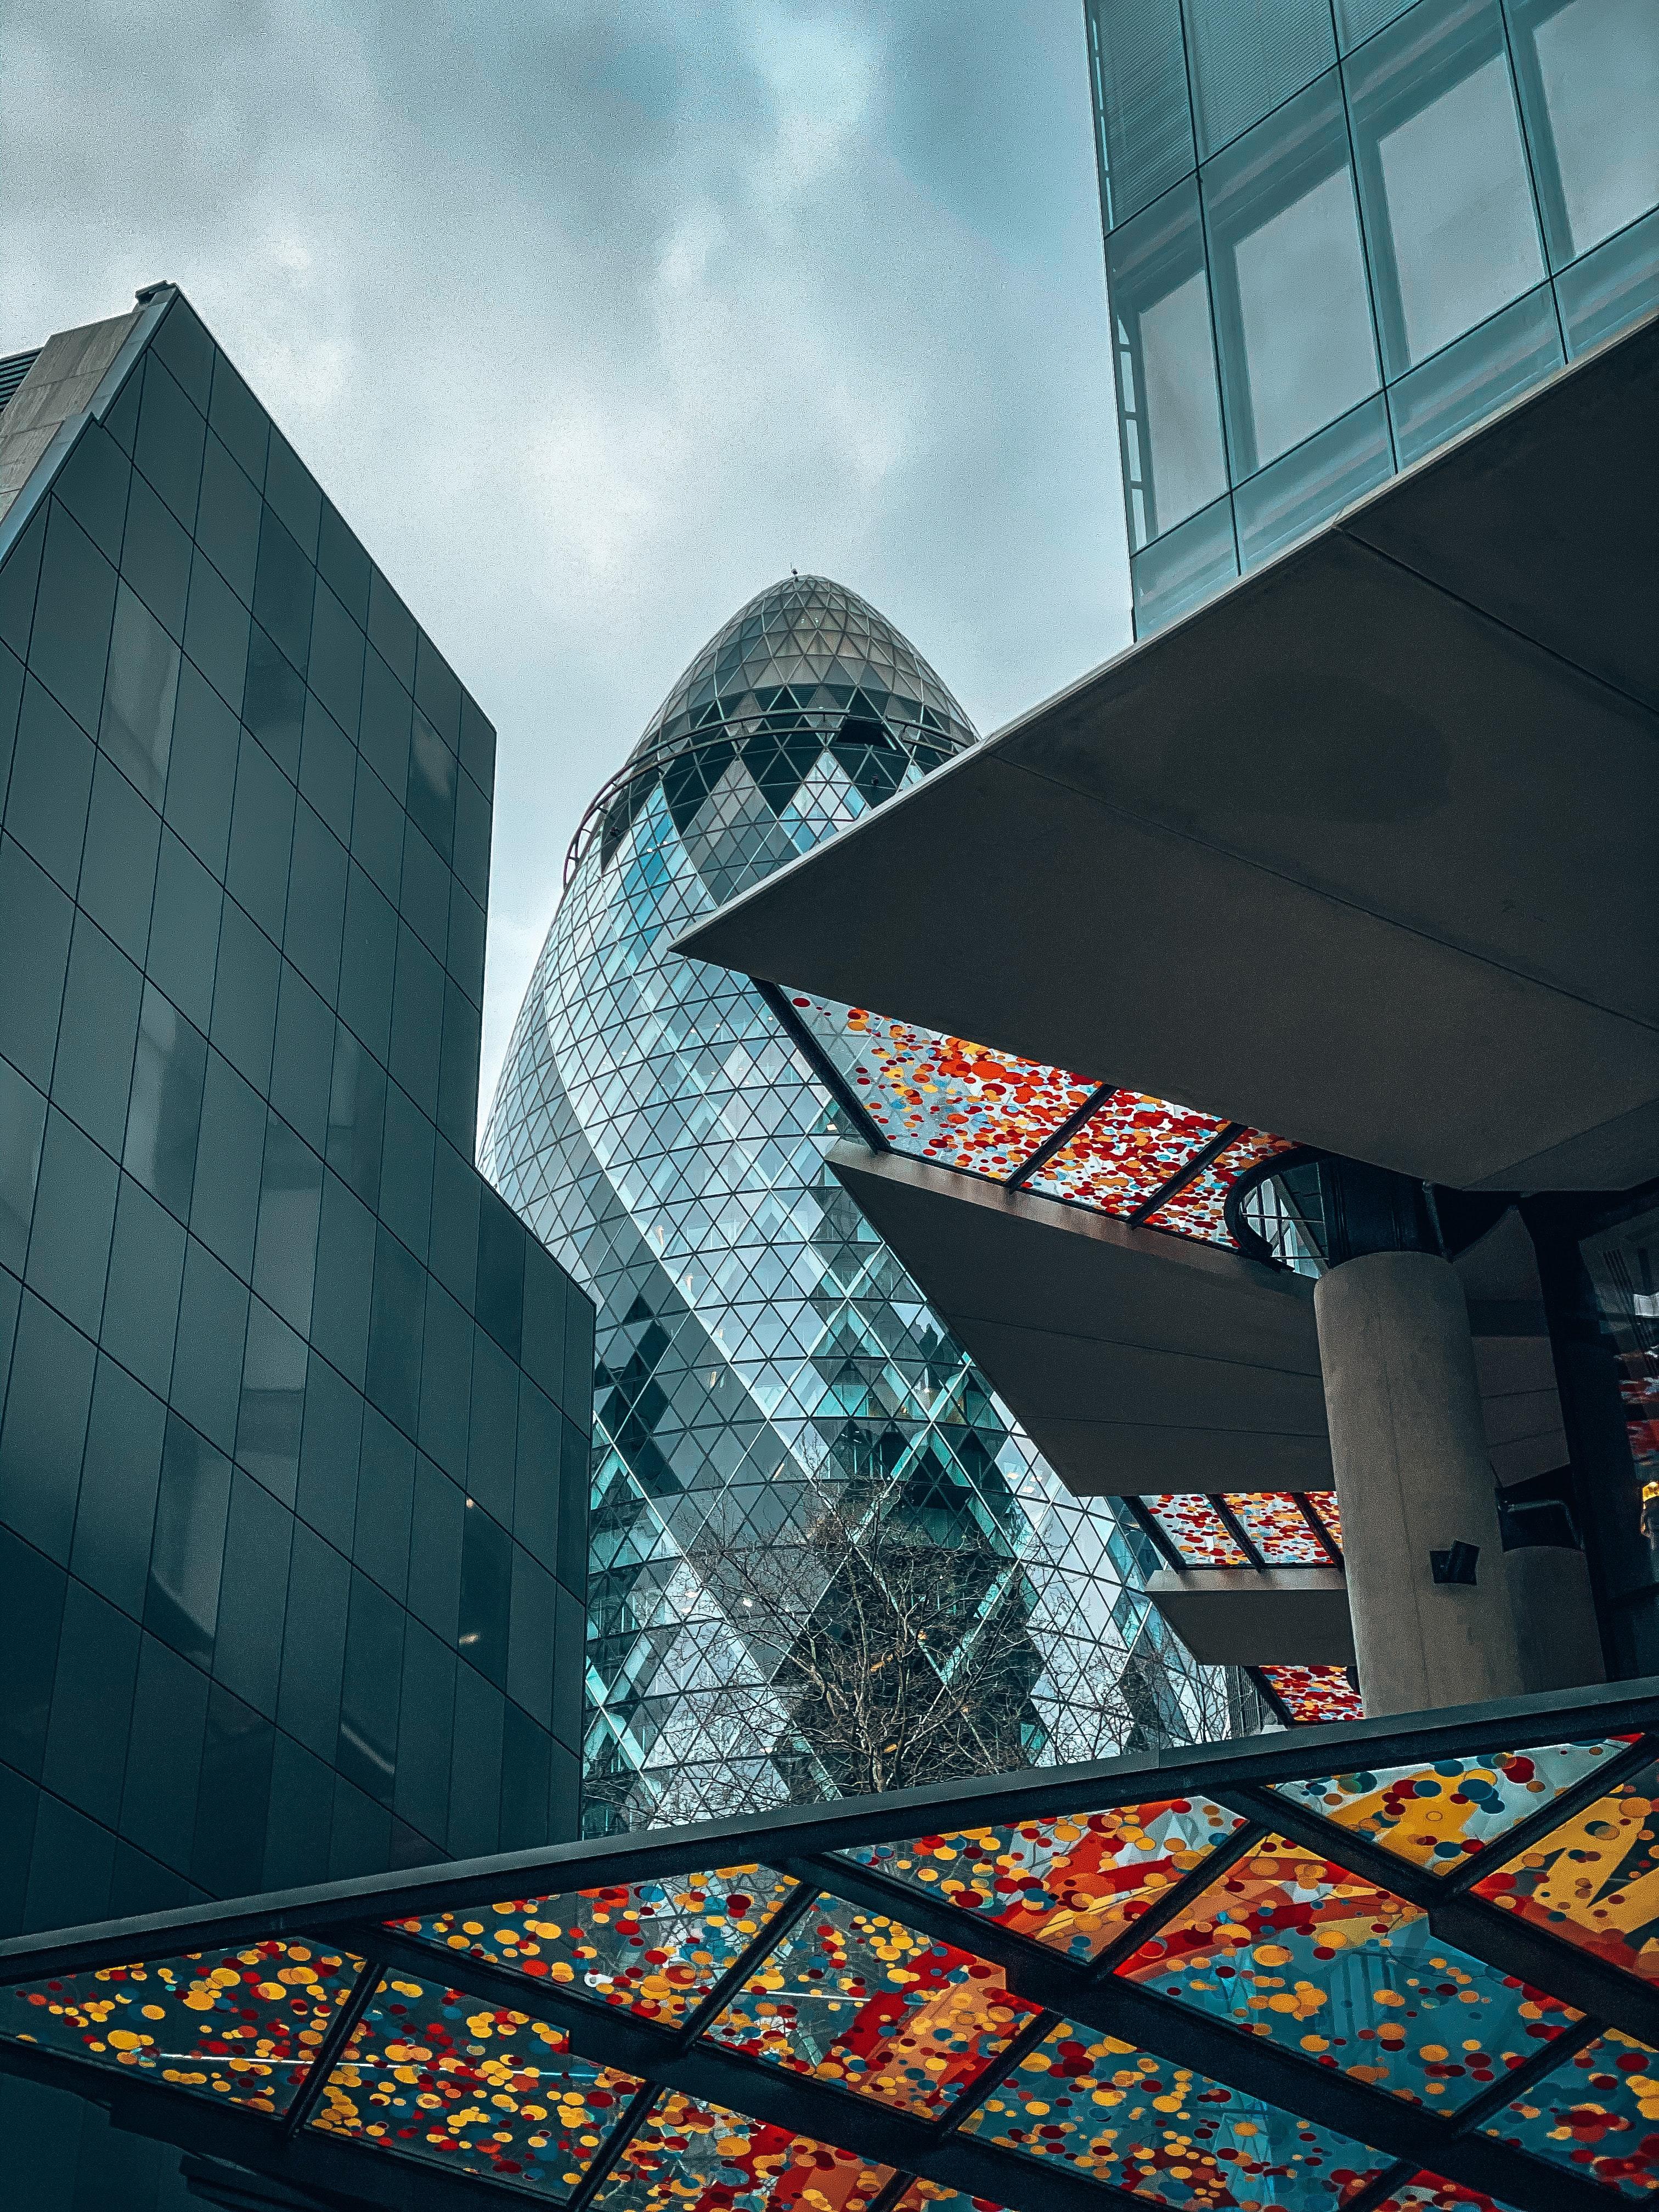 143111壁紙のダウンロードその他, 雑, 市, 都市, 建物, 高層ビル, 高 層 ビル, ガラス, グラス, 底面図, ボトムビュー, アーキテクチャ-スクリーンセーバーと写真を無料で